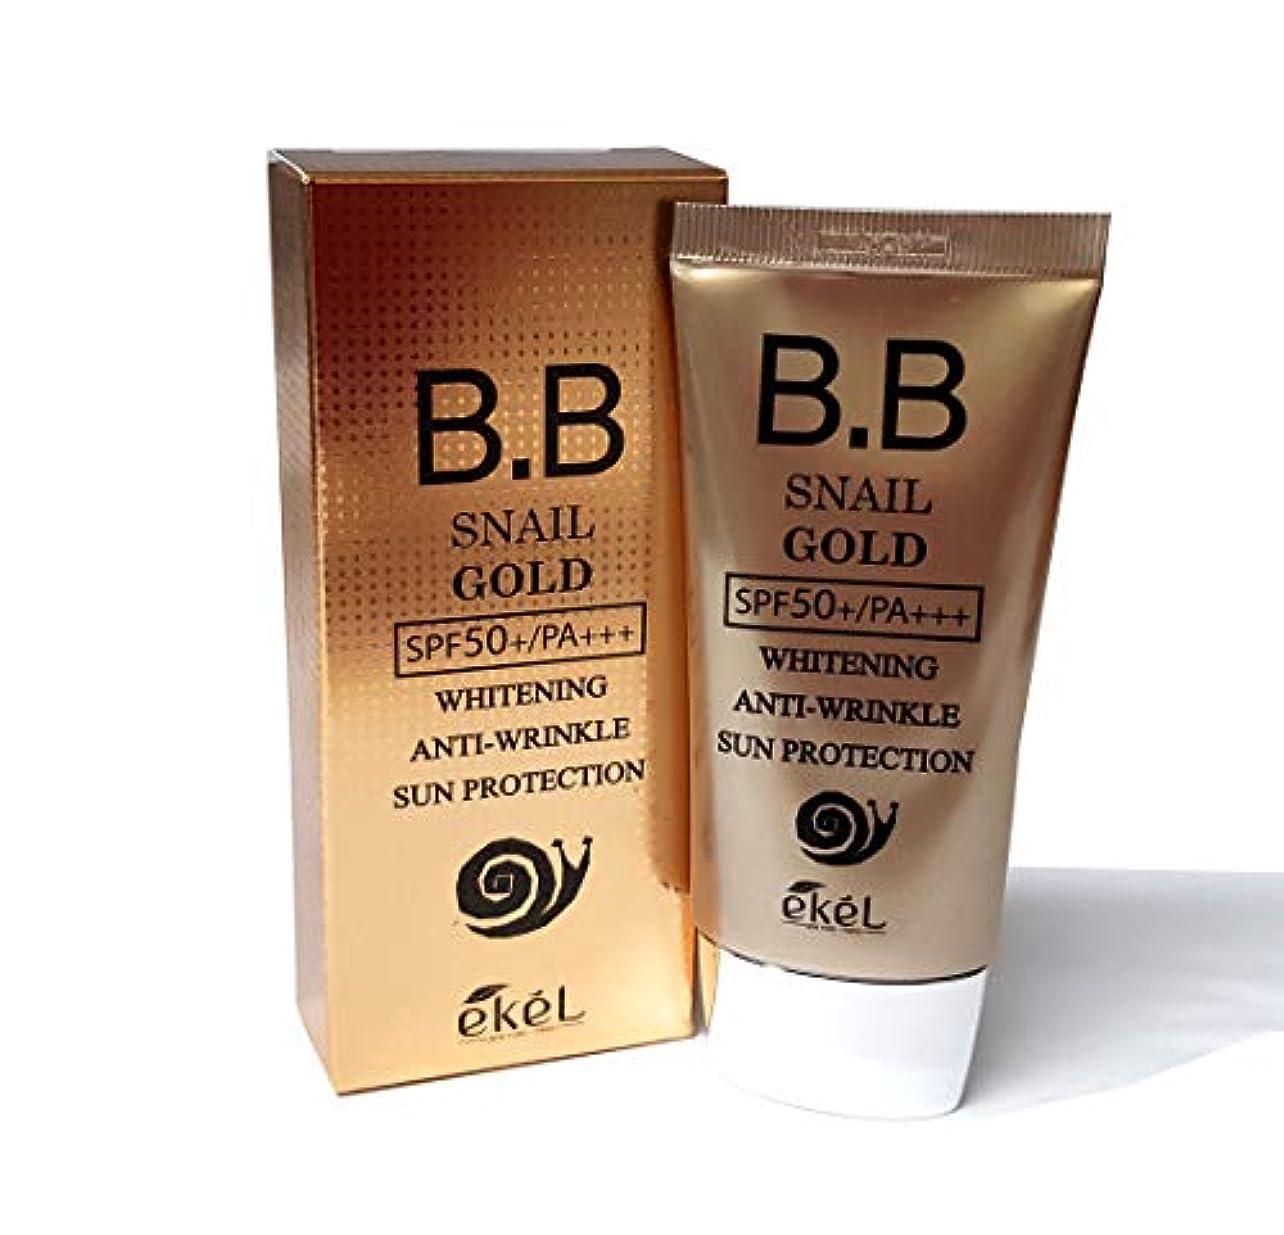 独立した推定行方不明[Ekel] カタツムリゴールドBB 50ml SPF50 + PA +++ / Snail Gold BB 50ml SPF50+PA+++ /ホワイトニング、UVカット/Whitening,UV protection...